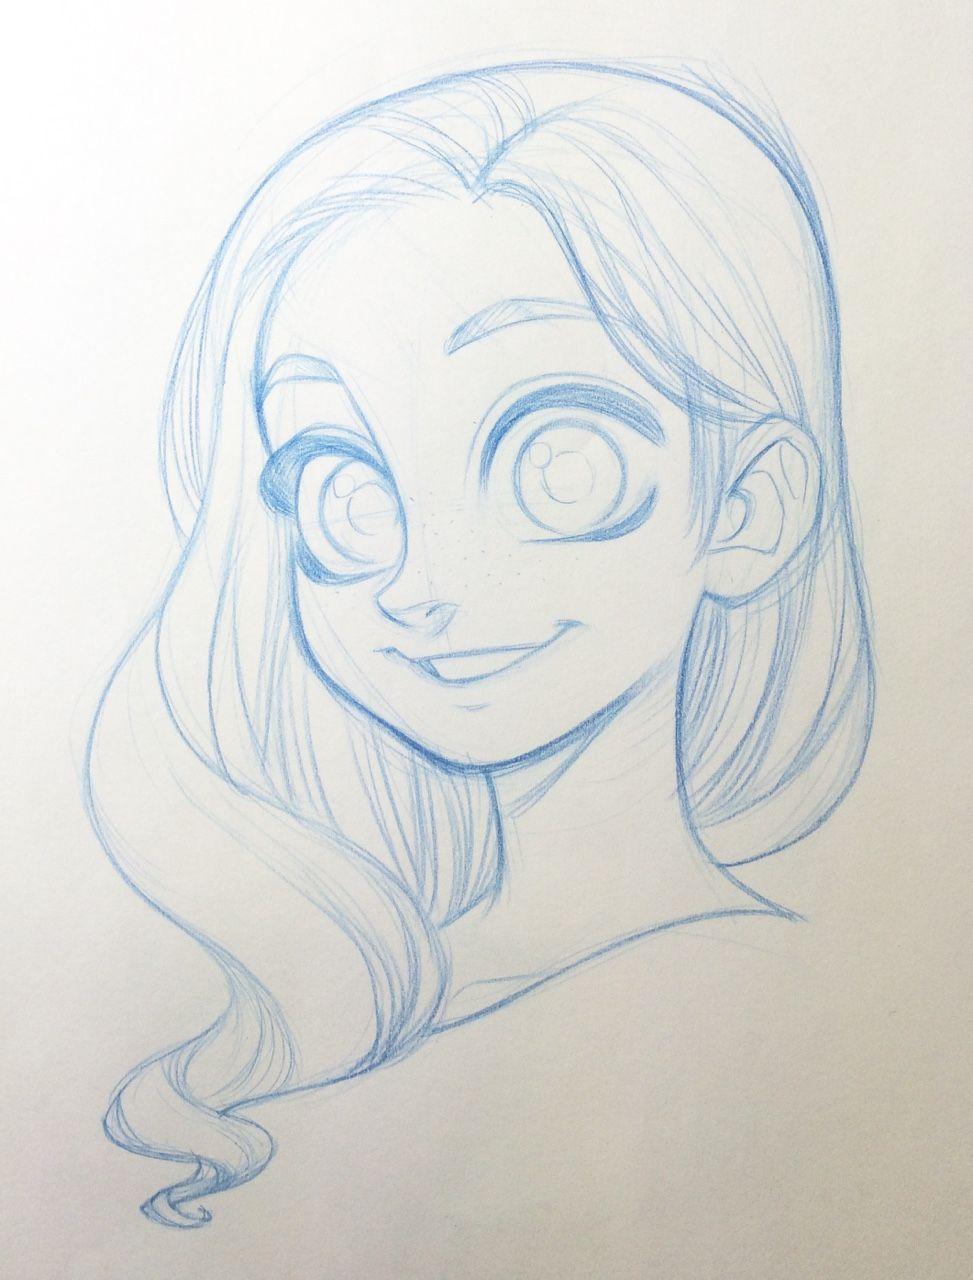 Drawing Time Kawaii Drawings Easy Drawings Cartoon Drawings